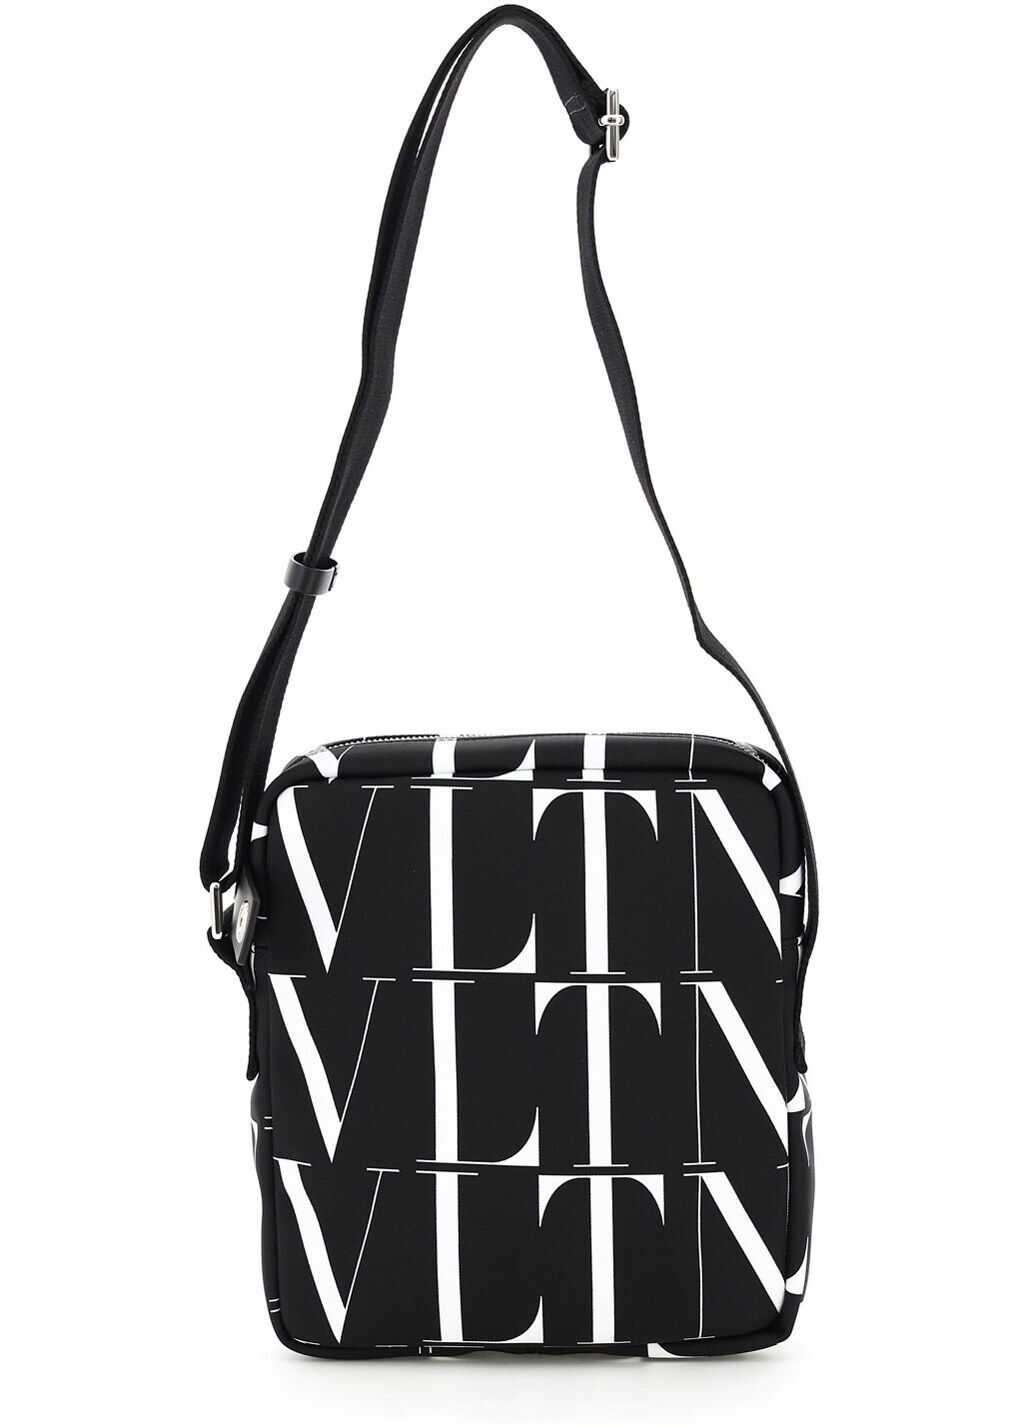 Valentino Garavani Vltn Print Nylon Messenger UY2B0987HWP NERO BIANCO imagine b-mall.ro